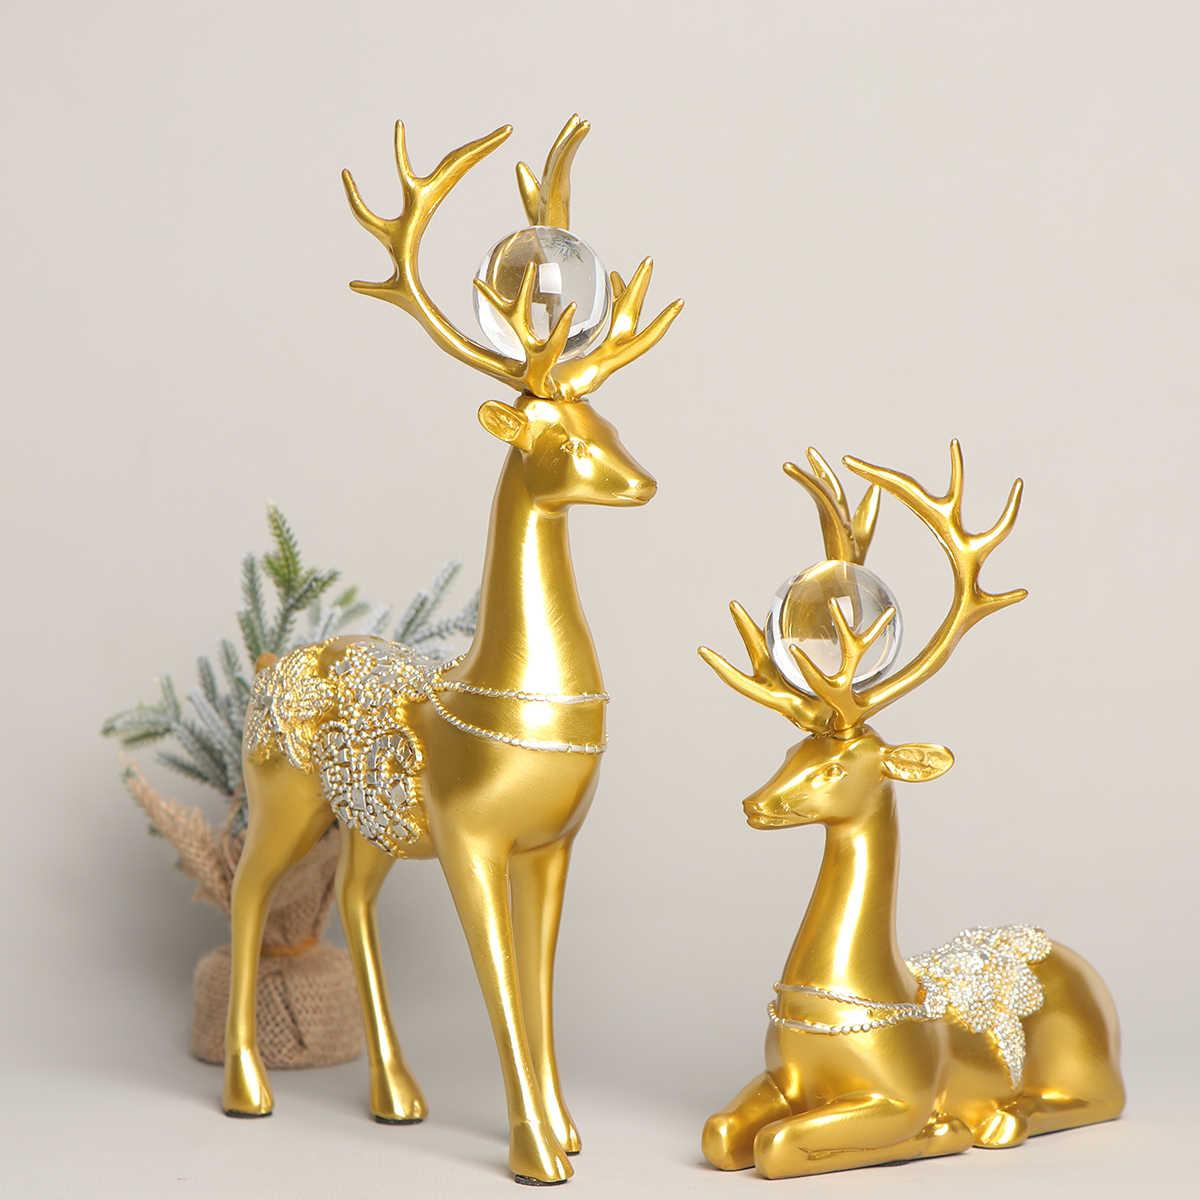 2 Buah Rusa Dekorasi Pasangan Kreatif Bergaya Khusus Rusa Dekorasi Rusa Ornamen untuk Kabinet Ruang Tamu Rumah